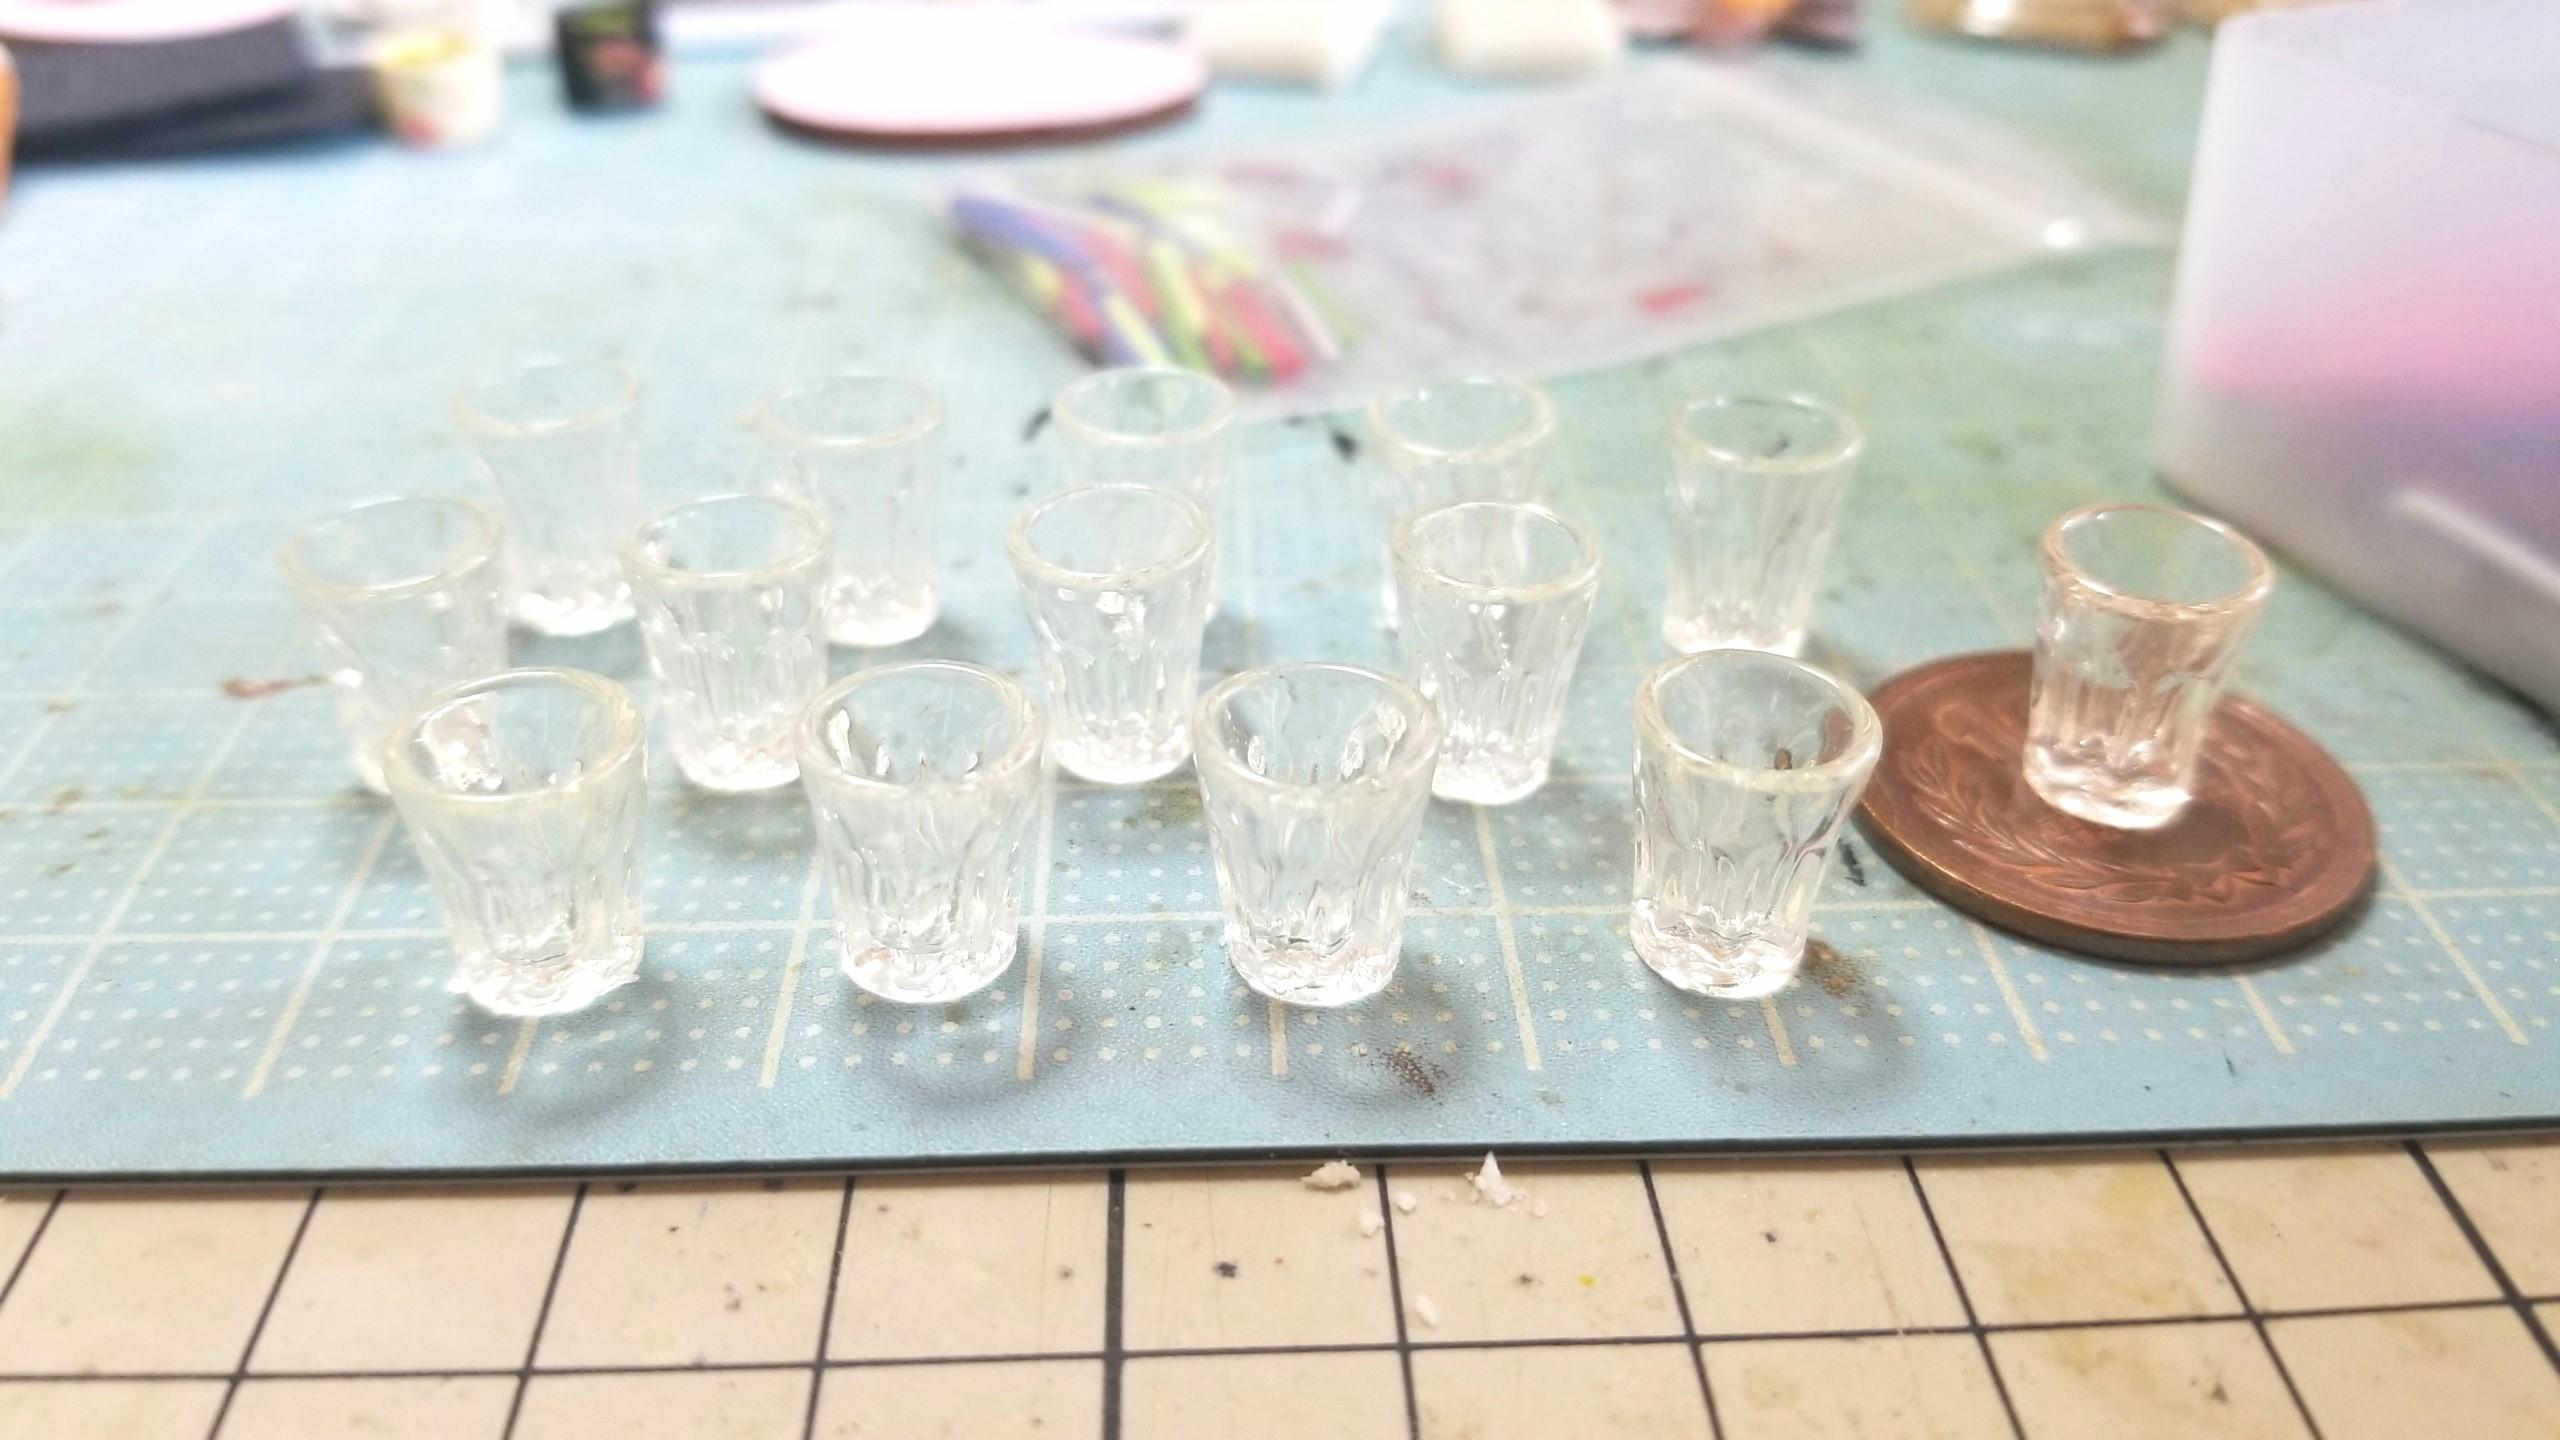 ミニチュアフードドリンク飲み物ジュース作り方,ハンドメイド小物